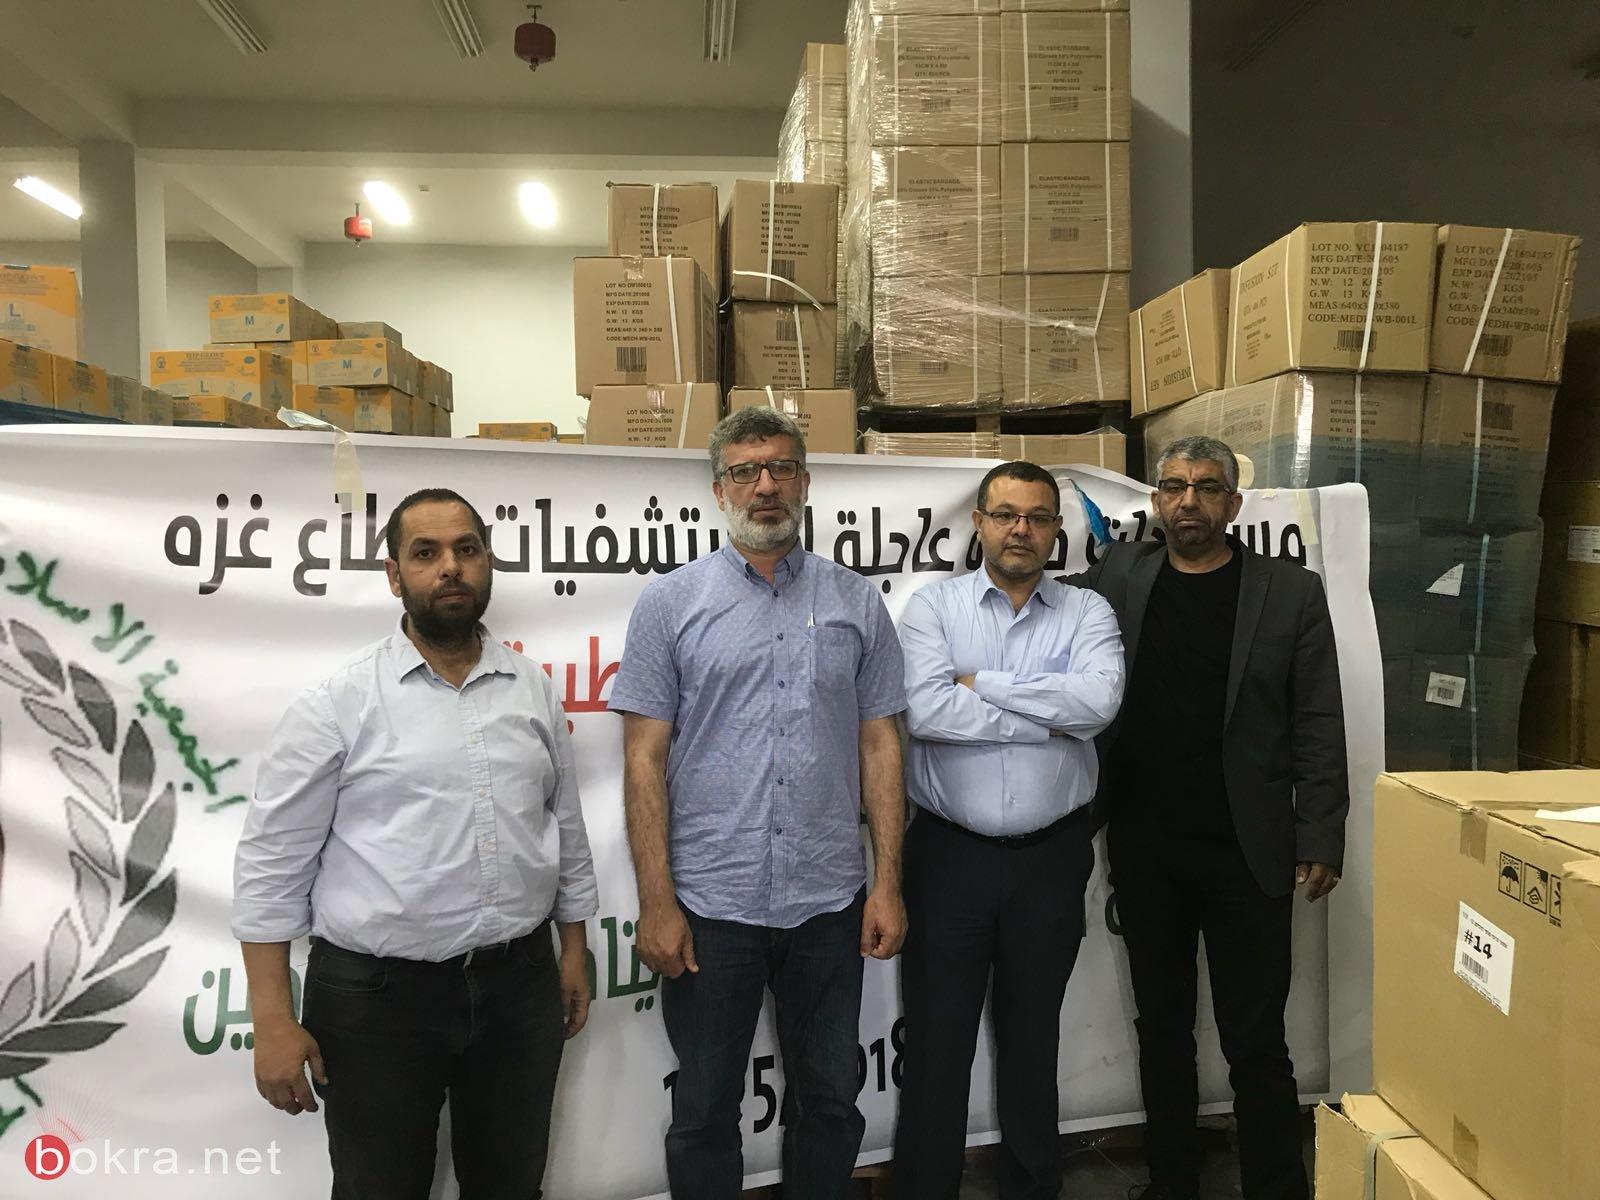 جمعية الاغاثة: الشحنة الاولى من الأدوية وصلت الى غزة